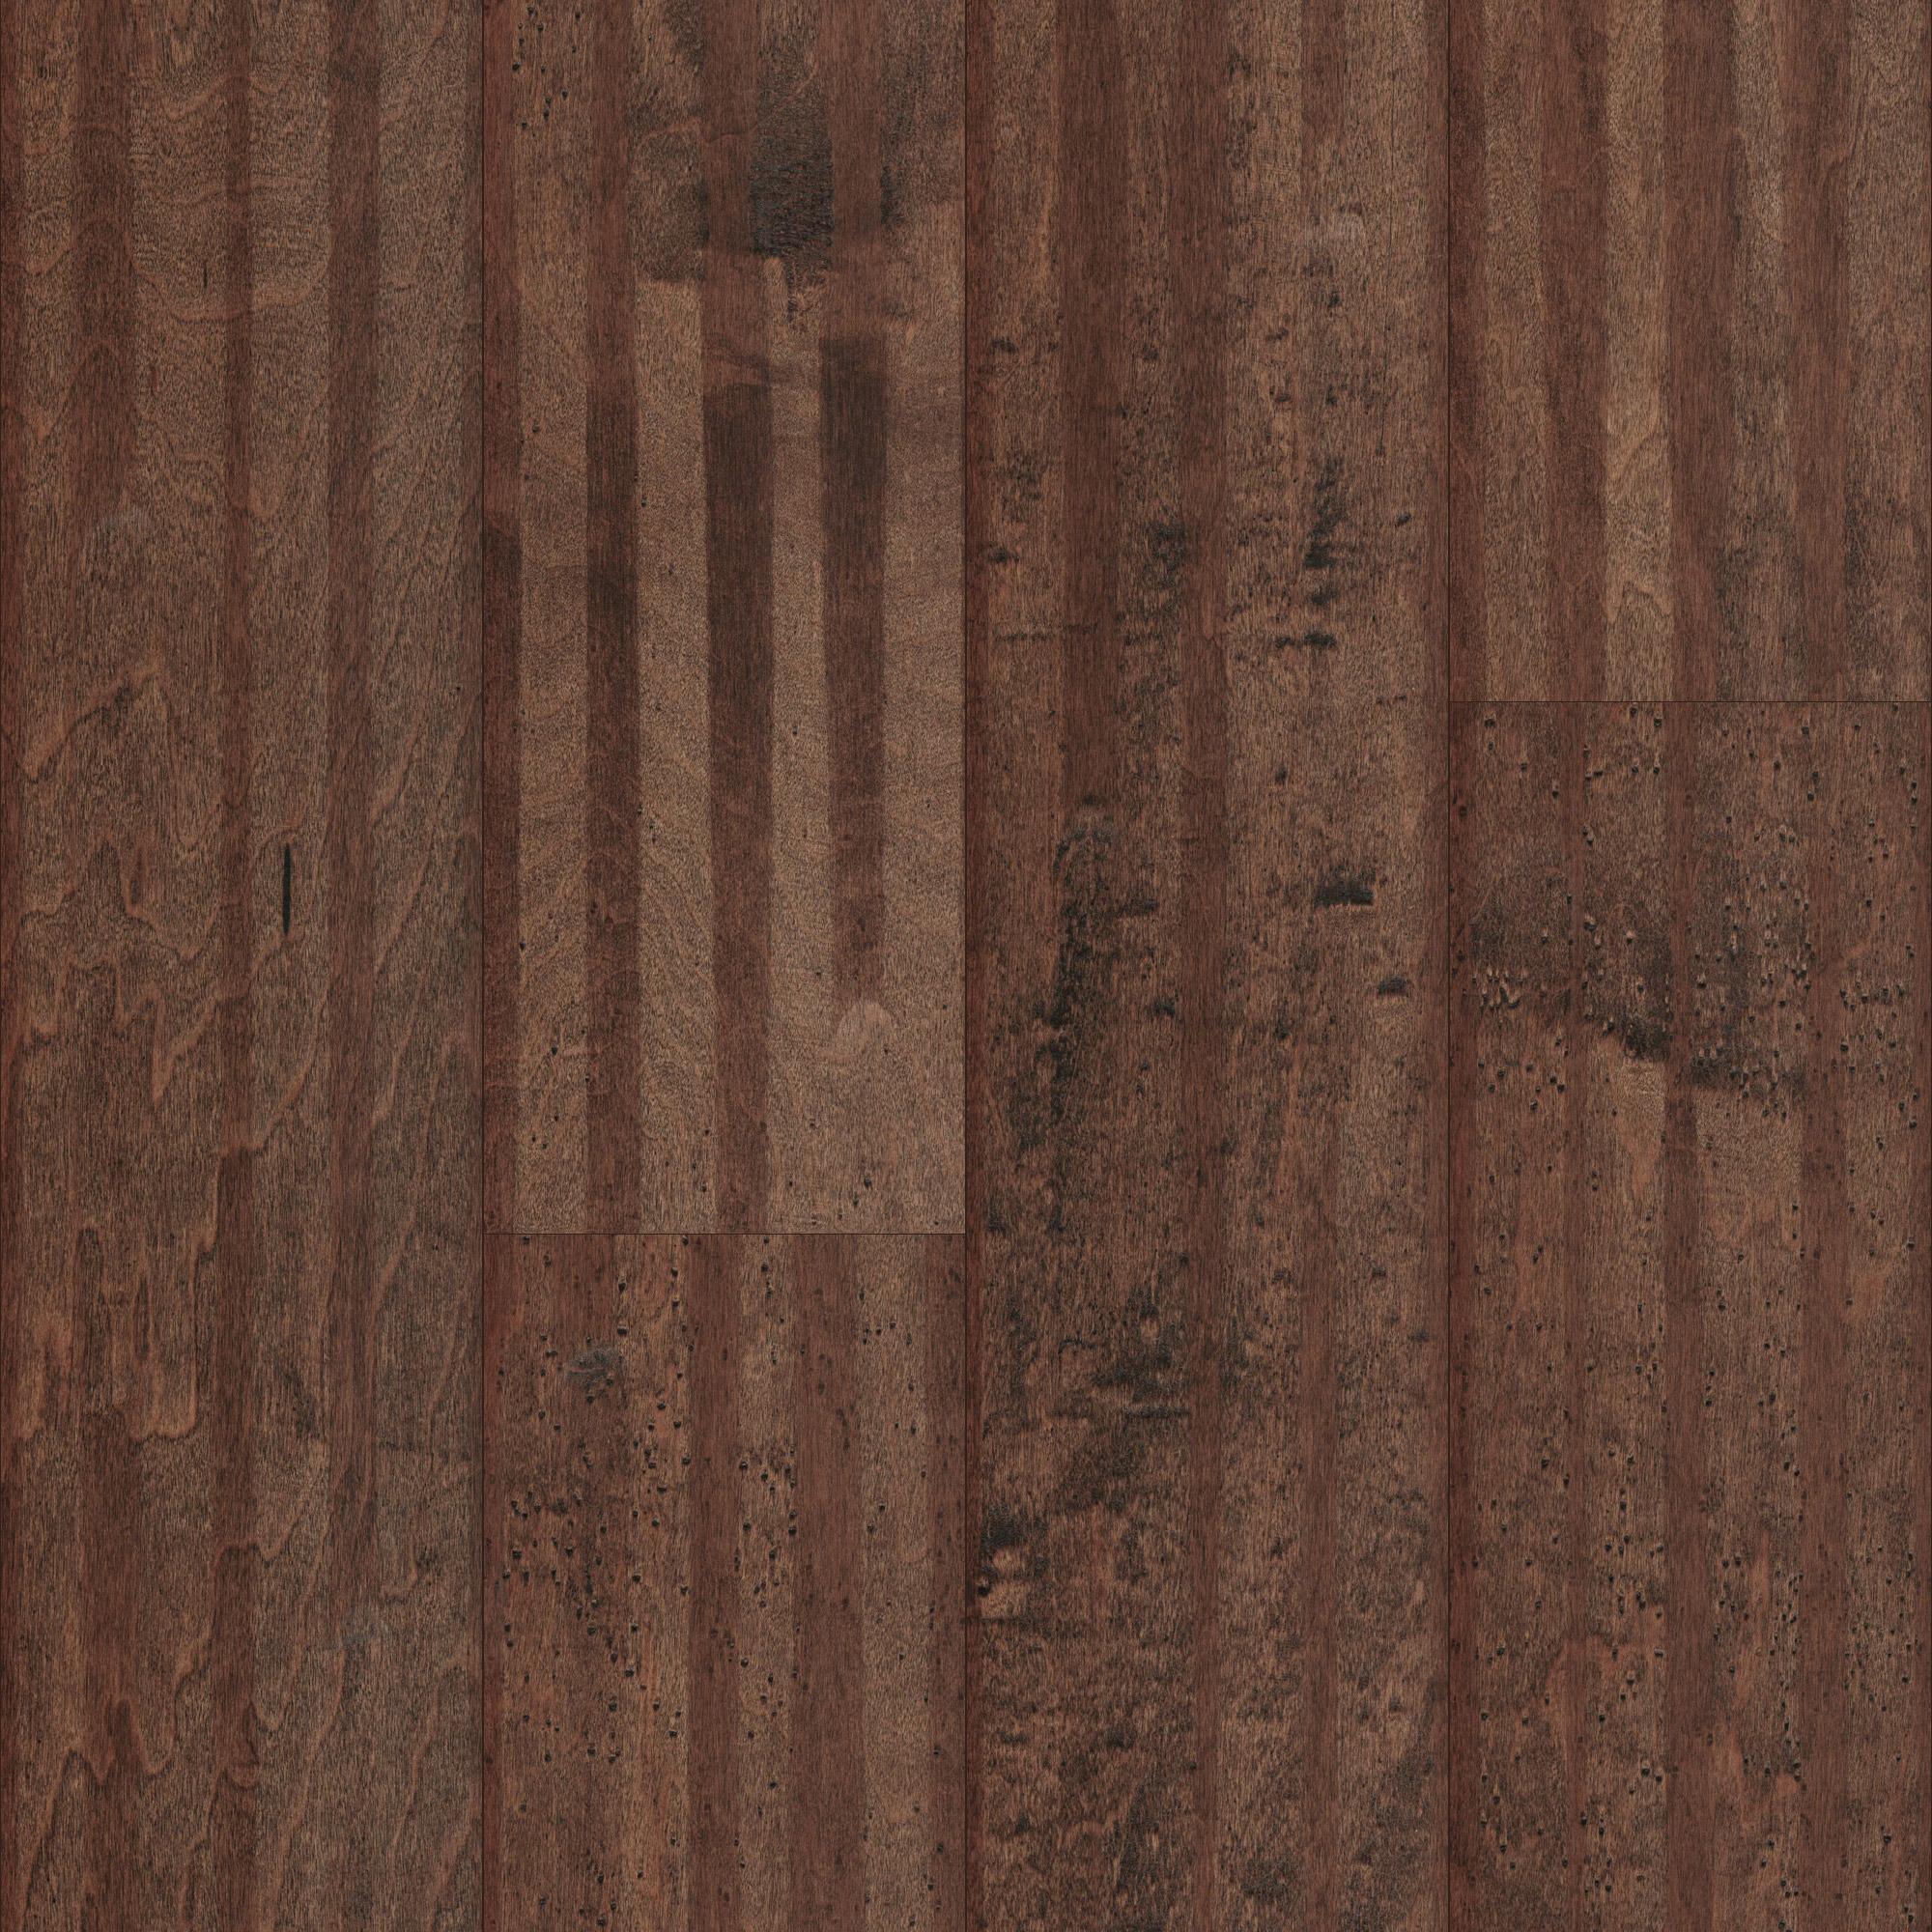 11 Fashionable Engineered Hardwood Vs Vinyl Plank Flooring